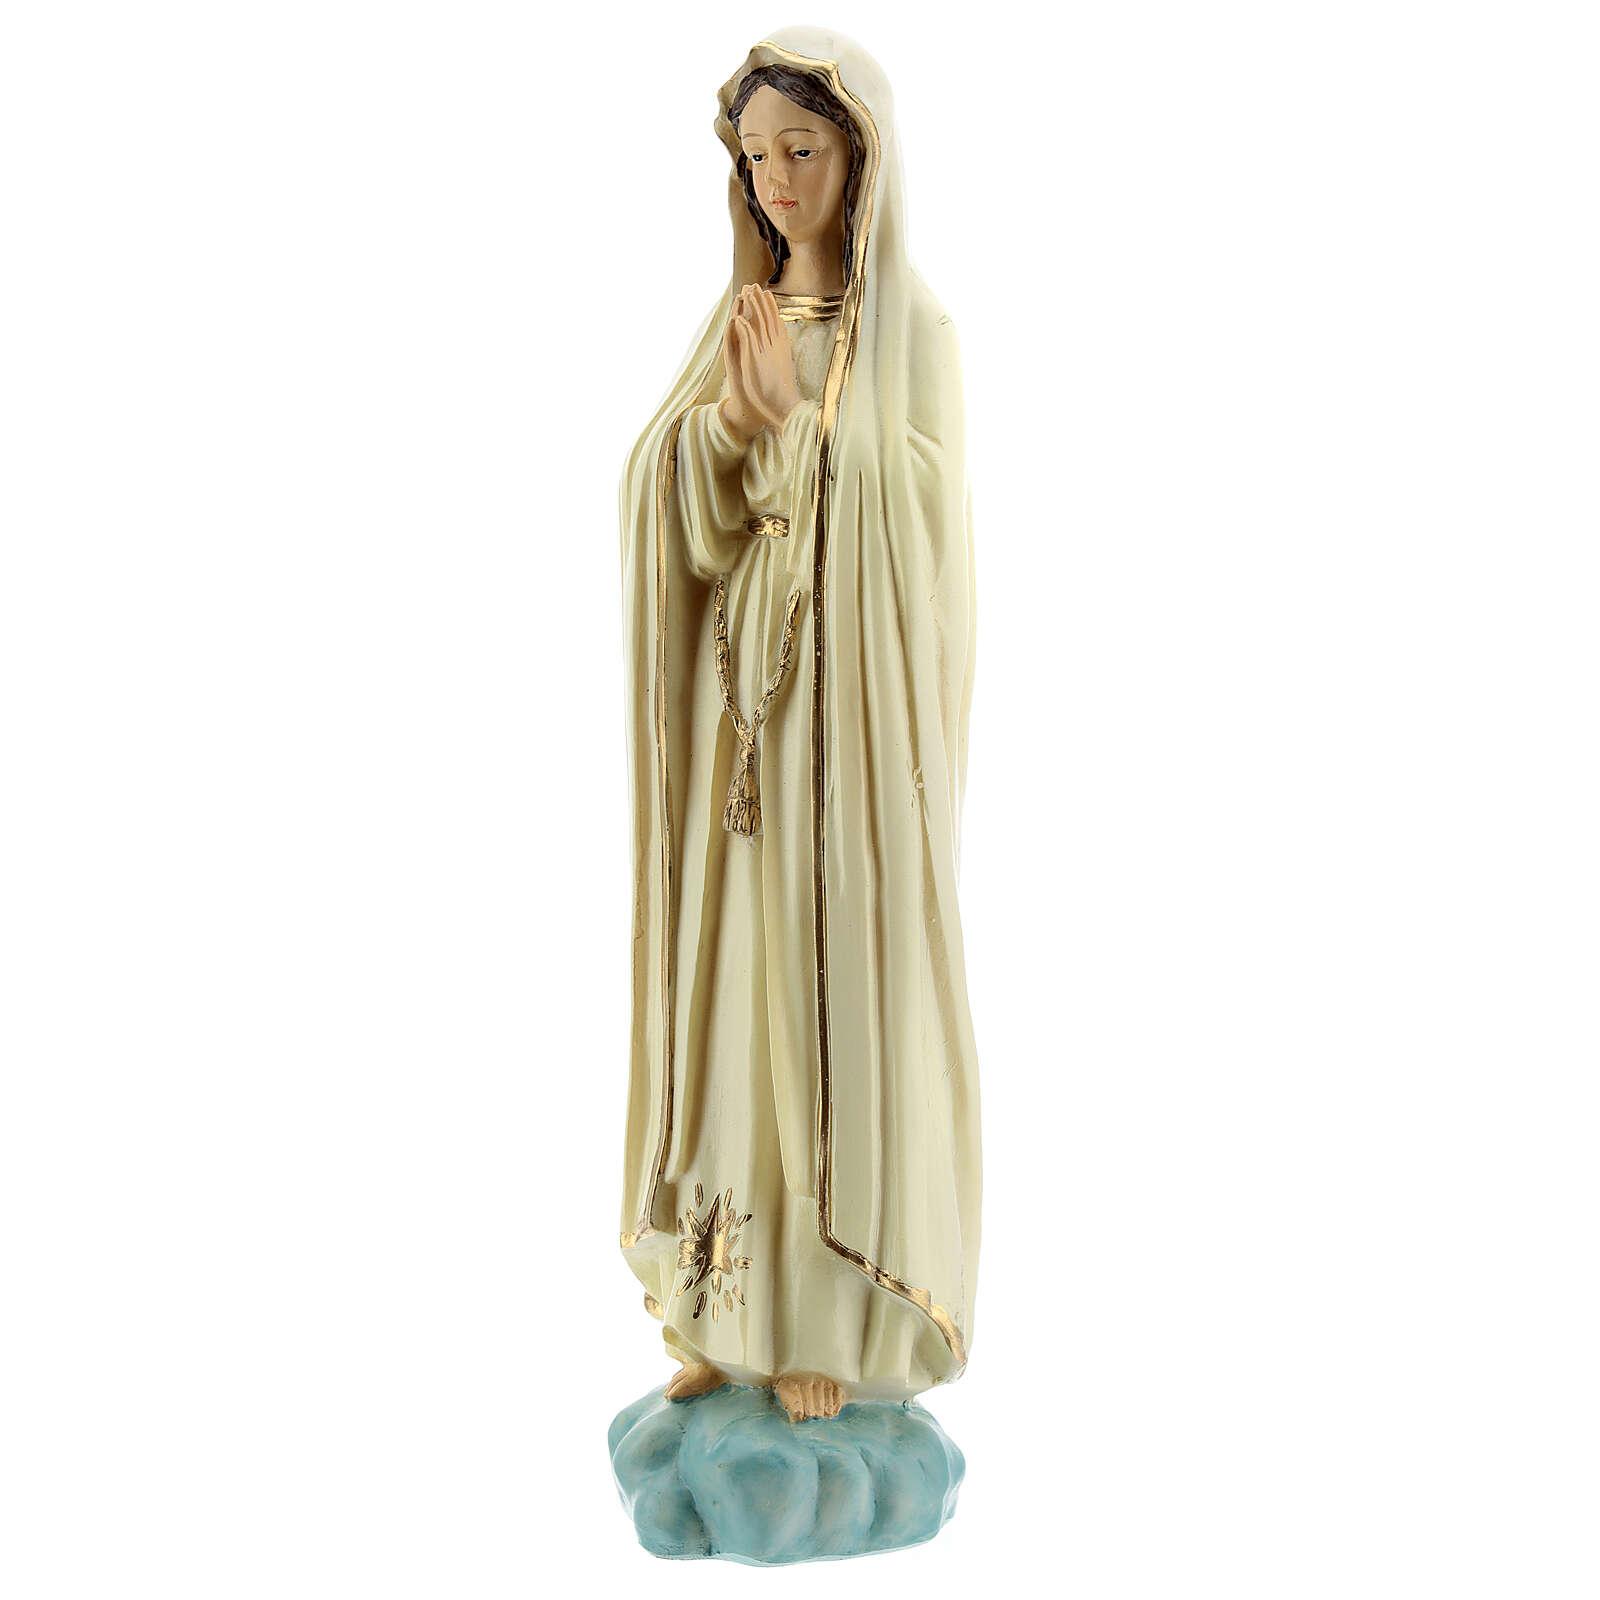 Virgen Fátima sin corona estrella dorada estatua resina 20 cm 4